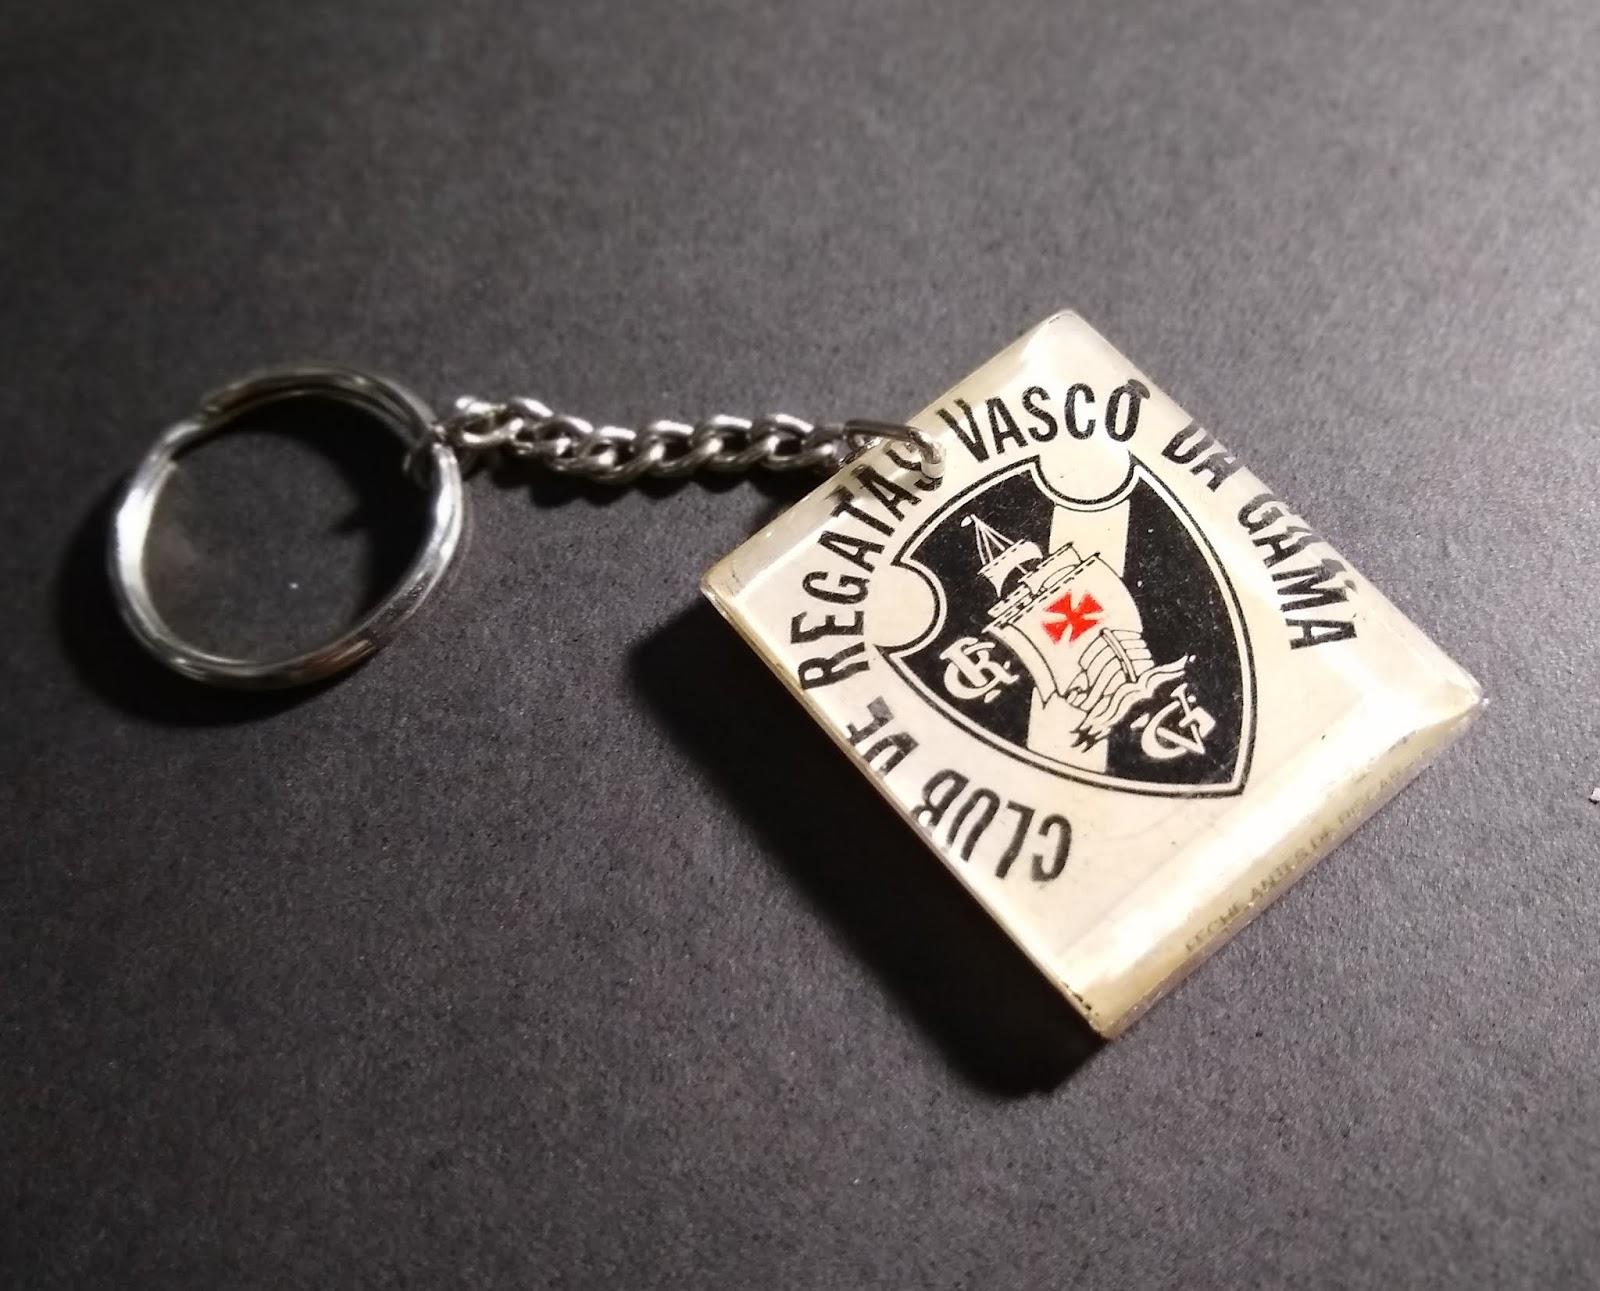 02720c7040 Chaveiro em acrílico dos anos 80 do Club de Regatas Vasco da Gama.